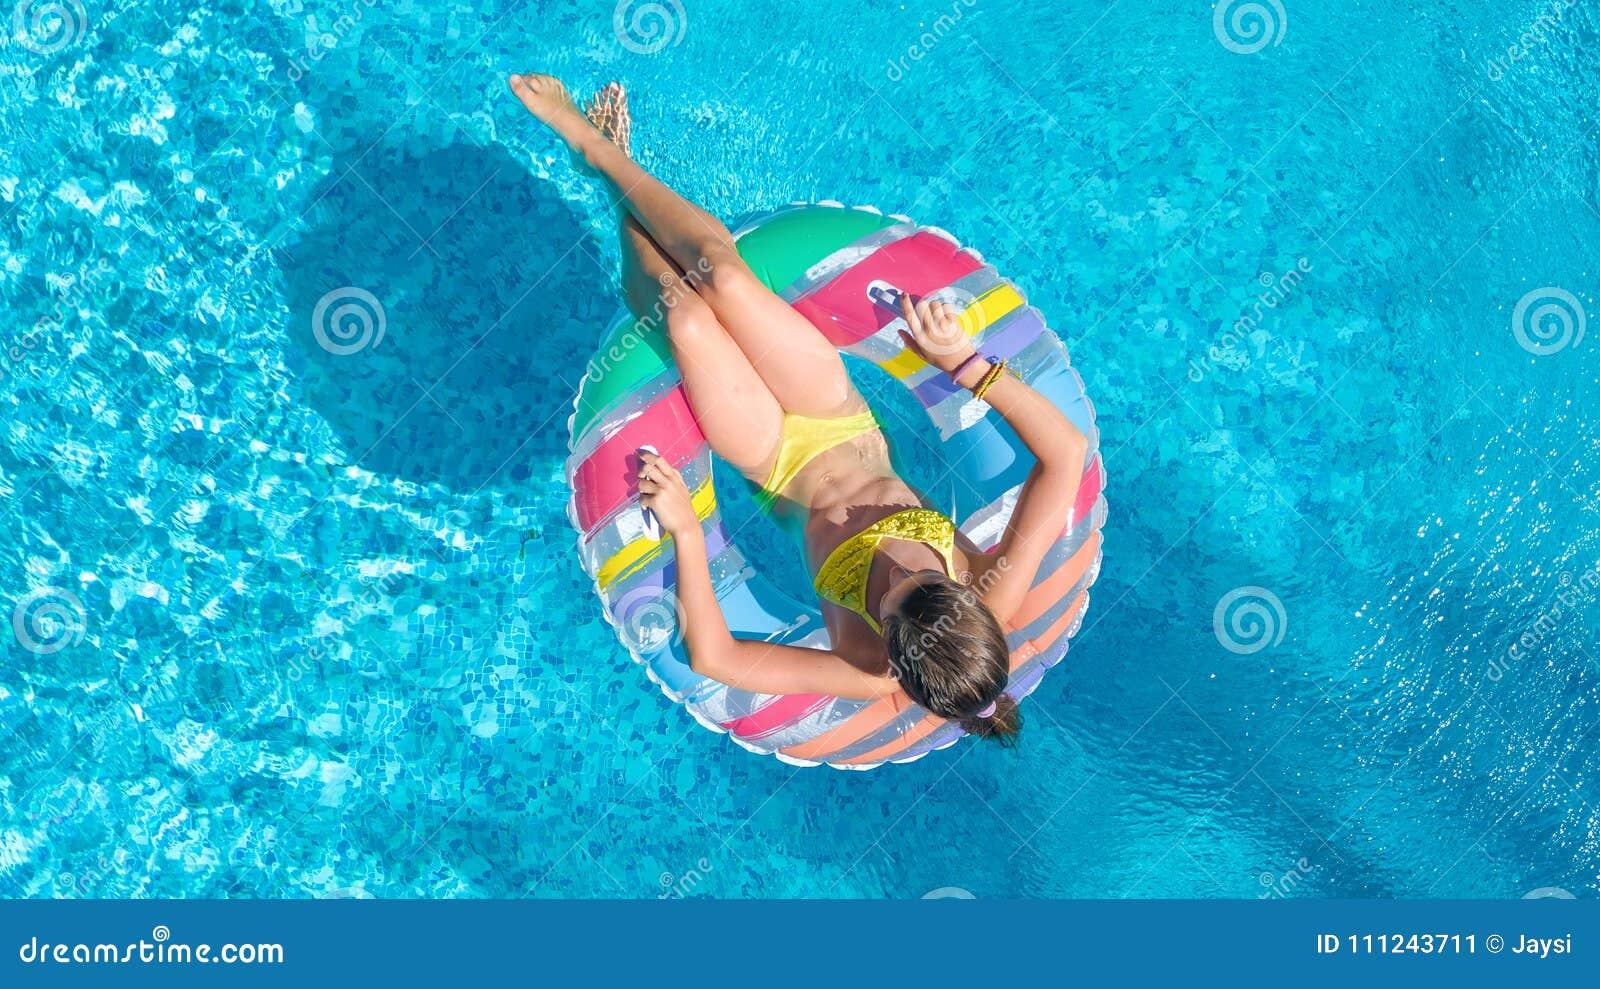 De lucht hoogste mening van meisje in zwembad van hierboven, jong geitje zwemt op opblaasbare ringsdoughnut, heeft het kind pret